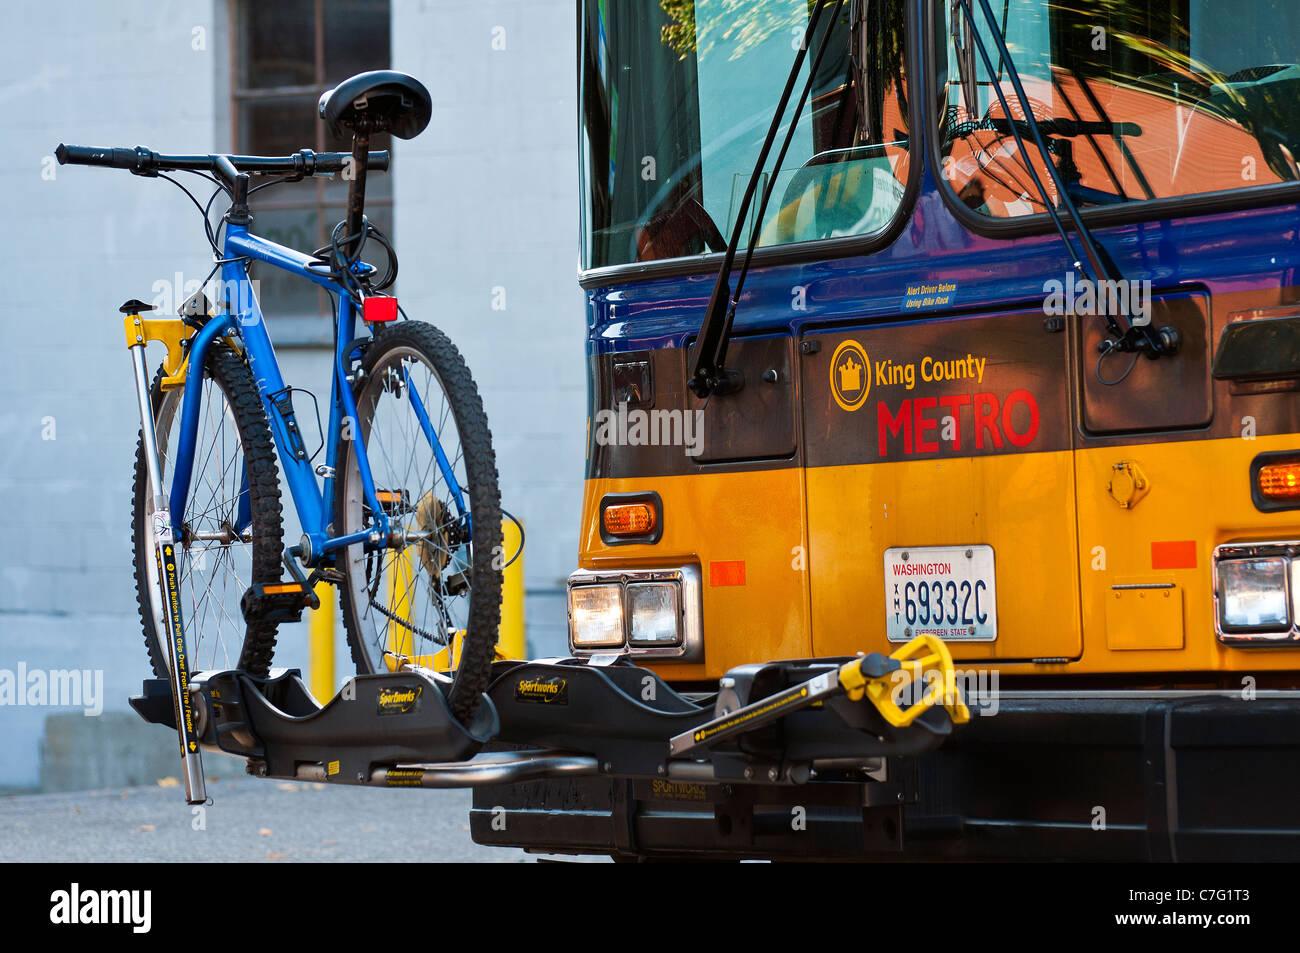 Portabicicletas en la parte delantera del autobús público, Seattle, Washington, EE.UU. Imagen De Stock